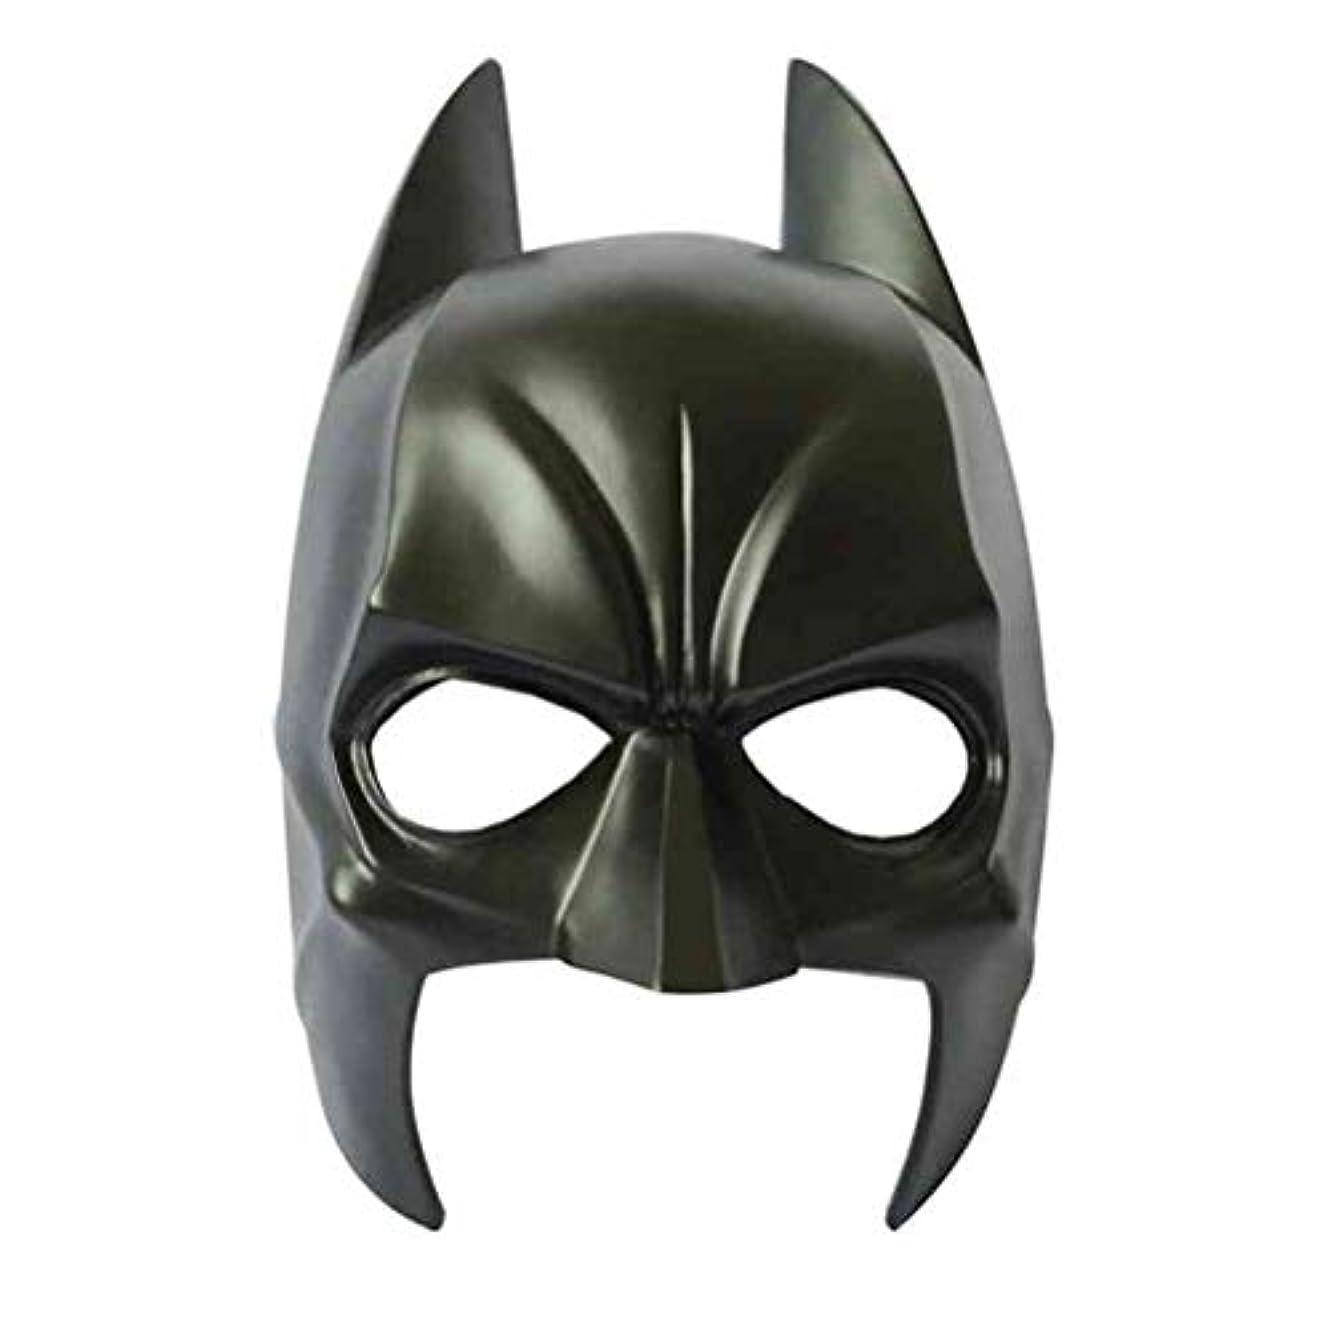 カエル船尾手首ハロウィンホラーバットマンマスクプロムヒーローヘルメットアニメマスク